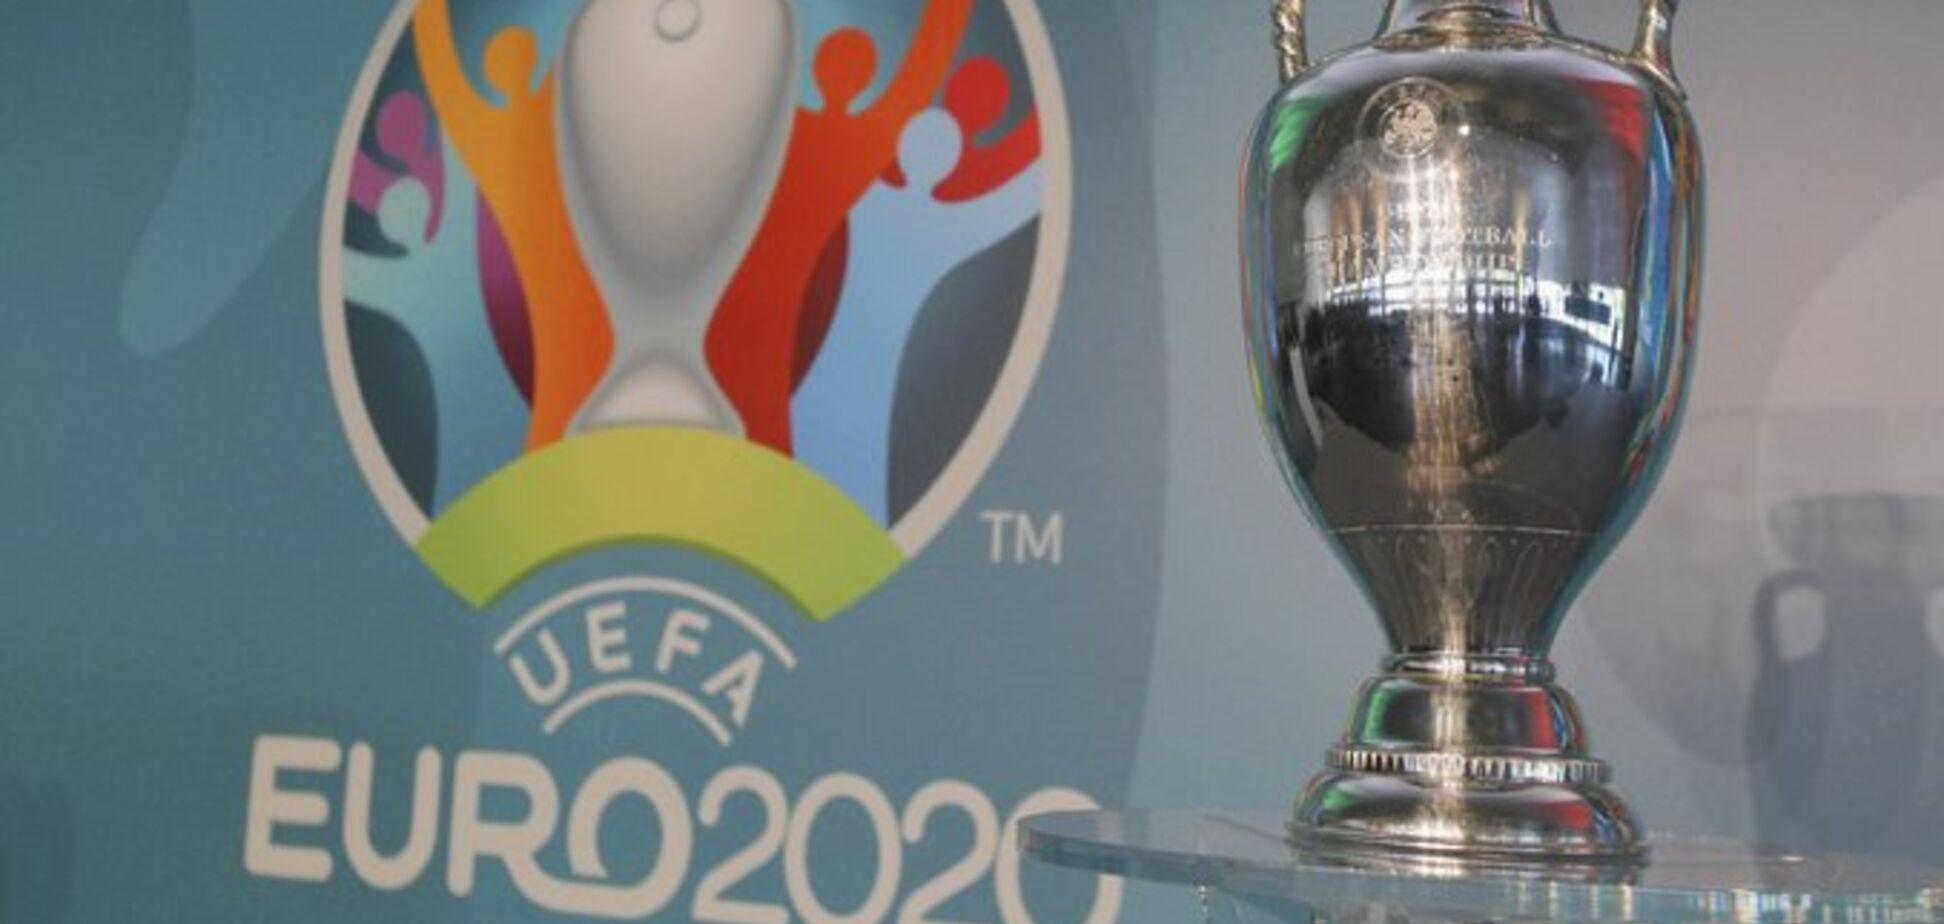 Перенесення Євро-2020: УЄФА повідомив про несподіване рішення по турніру